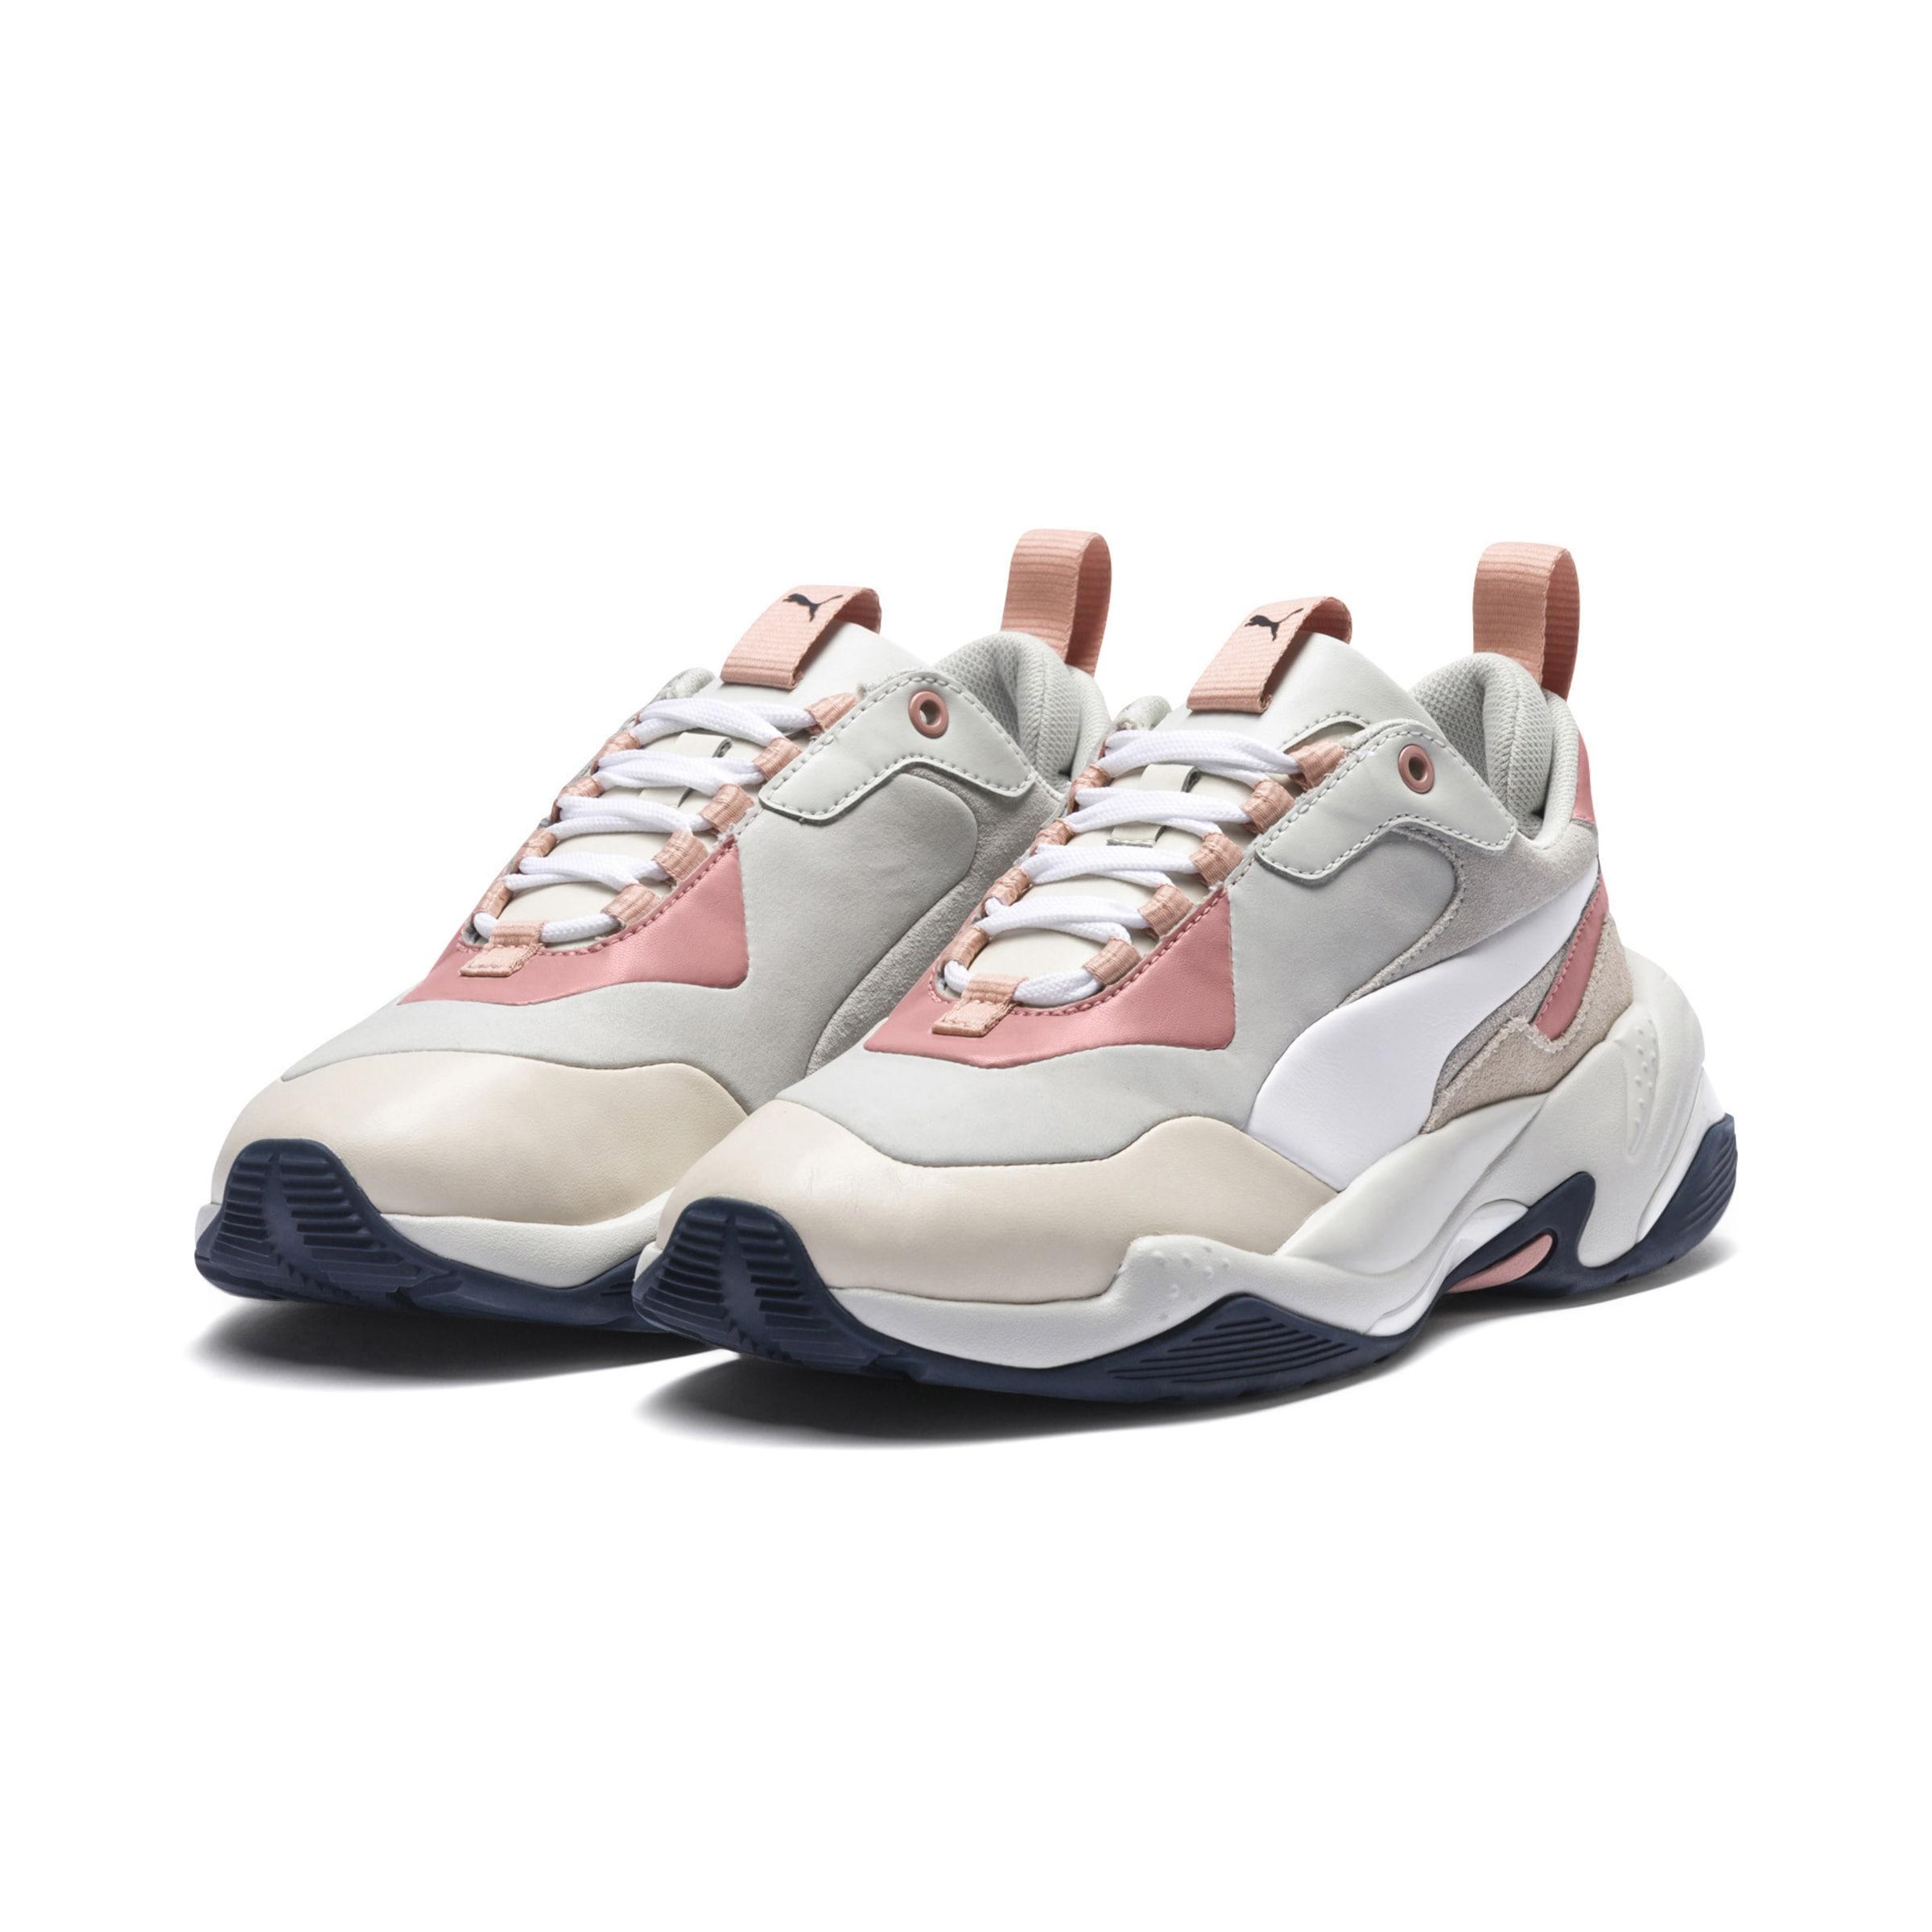 Puma Weiß BeigeHellgrau Rive 'thunder In Hellpink Sneaker Gauche' Yyv7fb6g